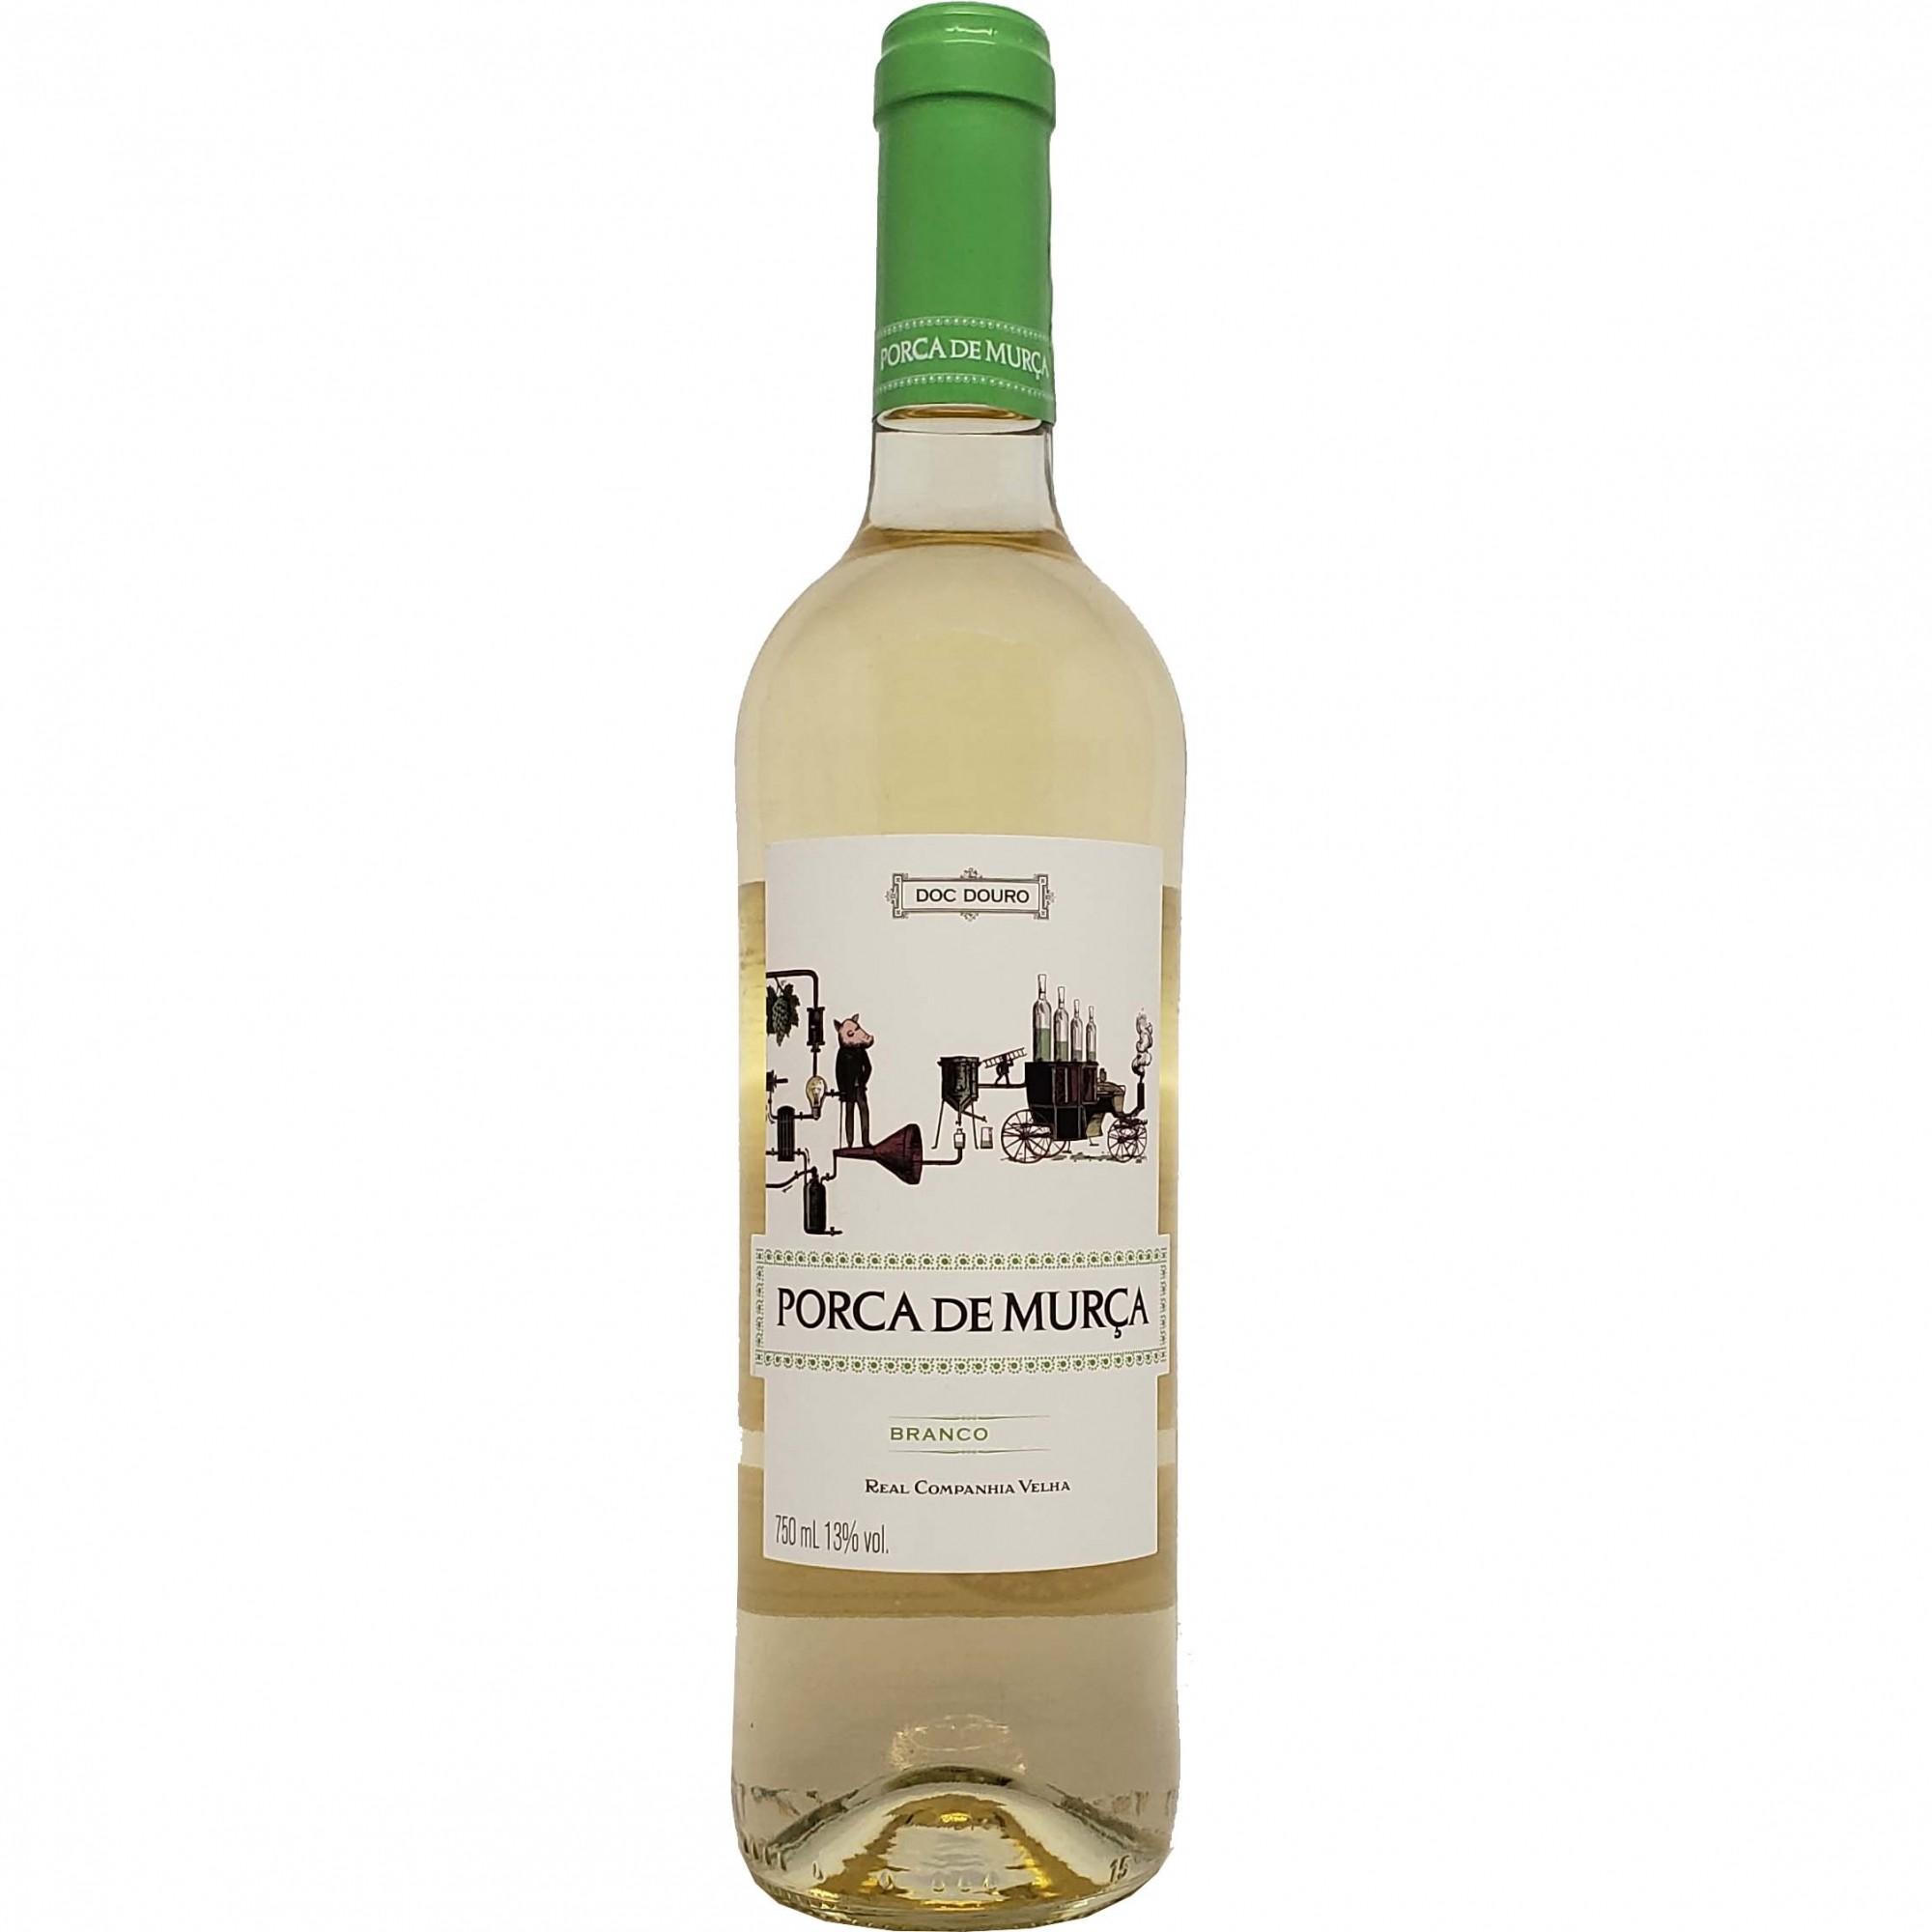 Vinho Branco Porca de Murça Real Companhia Velha - 750ml -